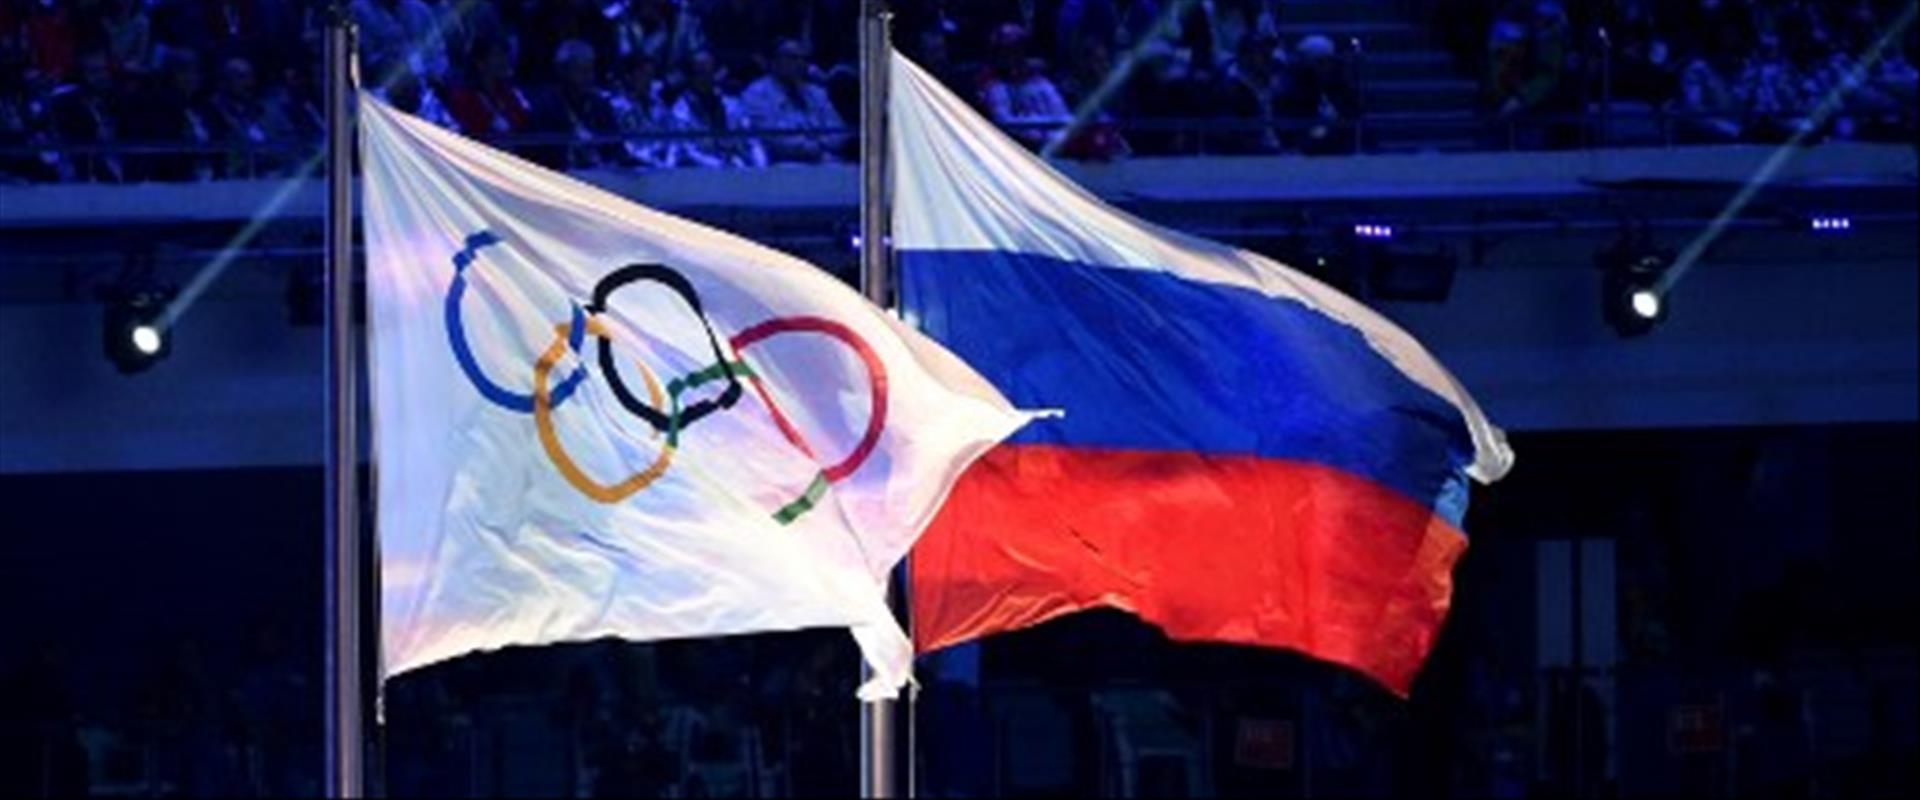 דגלי רוסיה והוועד האולימפי